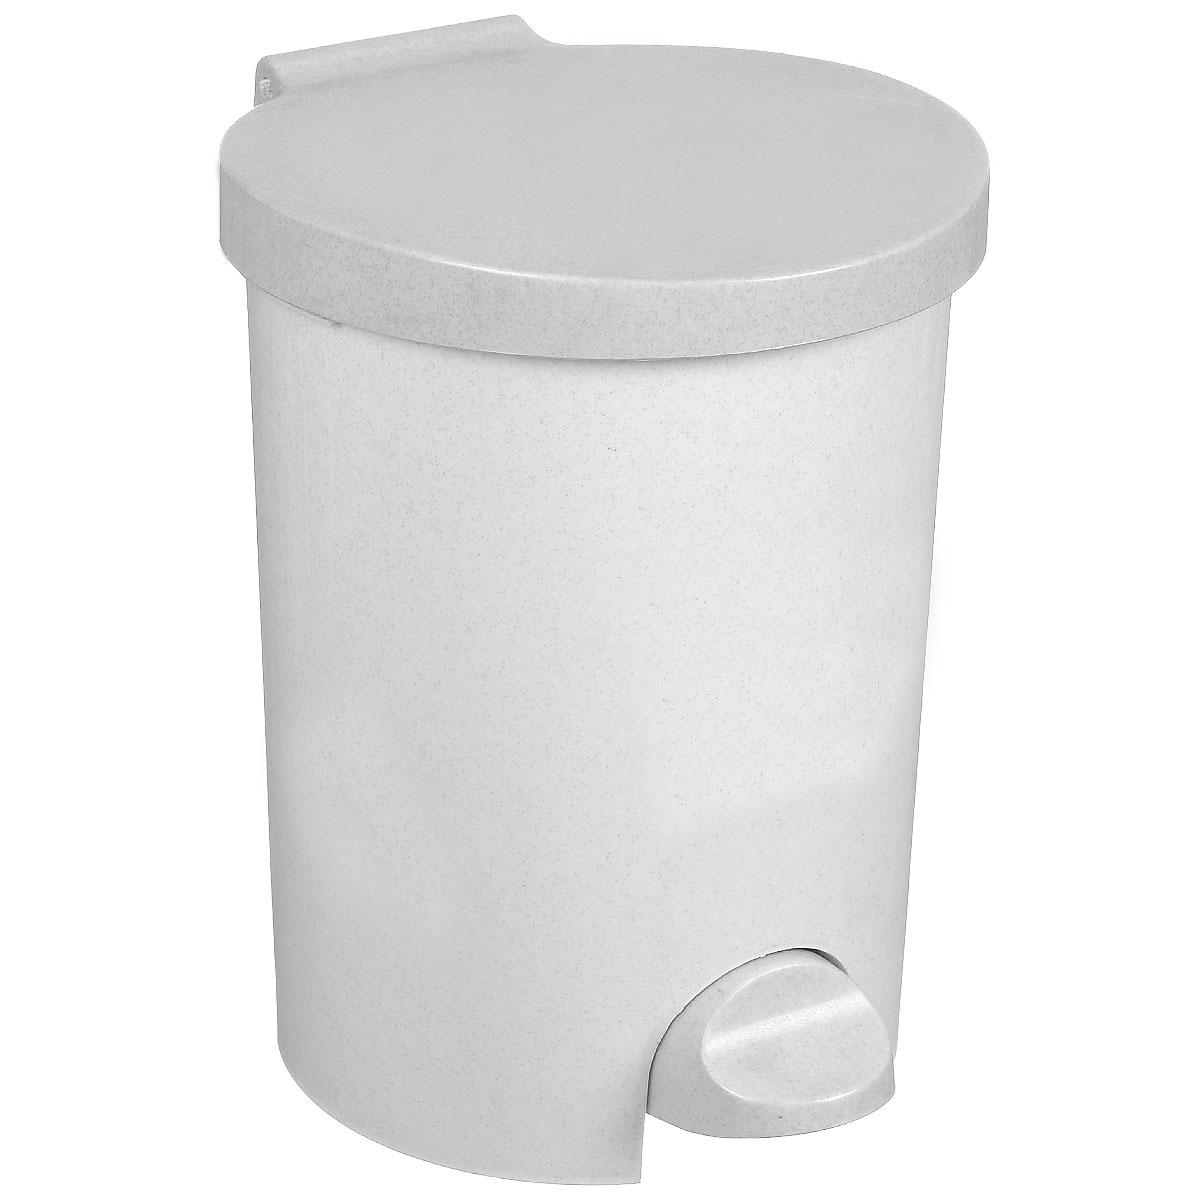 Контейнер для мусора Curver, с педалью, цвет: серый люкс (гранит), 15 л4011_серый люкс / гранитКонтейнер для мусора Curver изготовлен из высококачественного пластика. Контейнер оснащен педалью, с помощью которой можно открыть крышку. Закрывается крышка бесшумно, плотно прилегает, предотвращая распространение запаха. Бороться с мелким мусором станет легко. Внутри ведро с ручкой, которое при необходимости можно достать из контейнера. Благодаря лаконичному дизайну такой контейнер идеально впишется в интерьер и дома, и офиса.